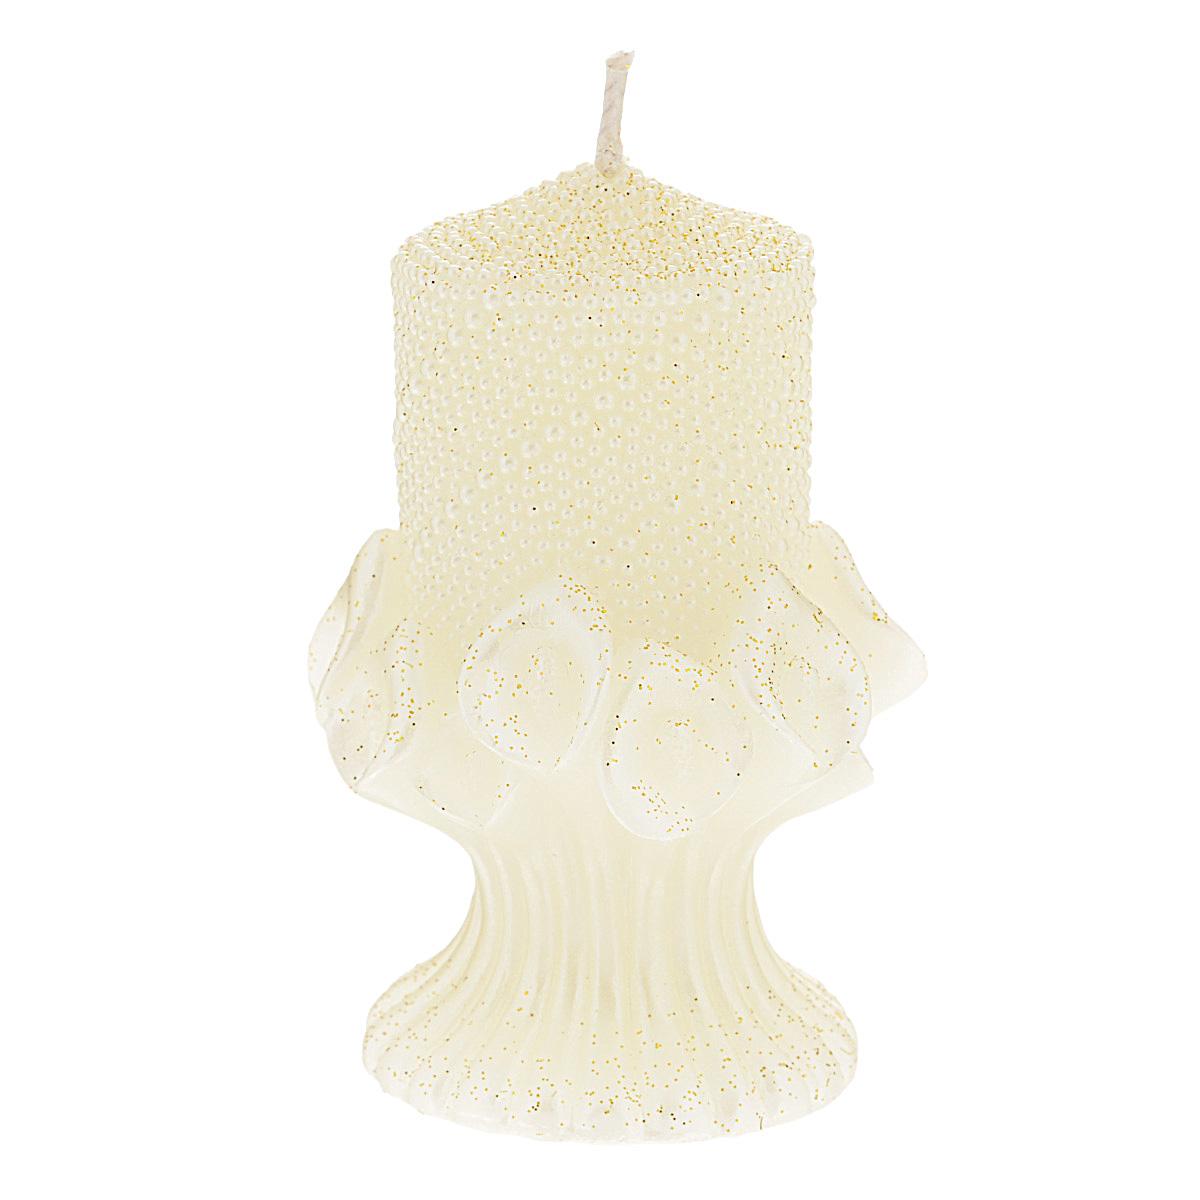 Свеча декоративная Win Max Каллы, цвет: кремовый, 6 см х 6 см х 10 см94480Декоративная свеча Win Max Каллы станет изюменкой в праздничном оформлении вашего интерьера. Изготовлена из парафина и декорирована рельефным узором и золотыми блестками. Основание свечи представляет собой цветочную композицию из калл. Свеча будет отличным подарком на свадьбу или торжество. Упакована в прозрачную пластиковую коробку и украшена бантом. Декоративная свеча Win Max Каллы принесет в ваш дом волшебство и ощущение праздника. Создайте в своем доме атмосферу веселья и радости, и тогда самый обычный день с легкостью превратится в торжество.